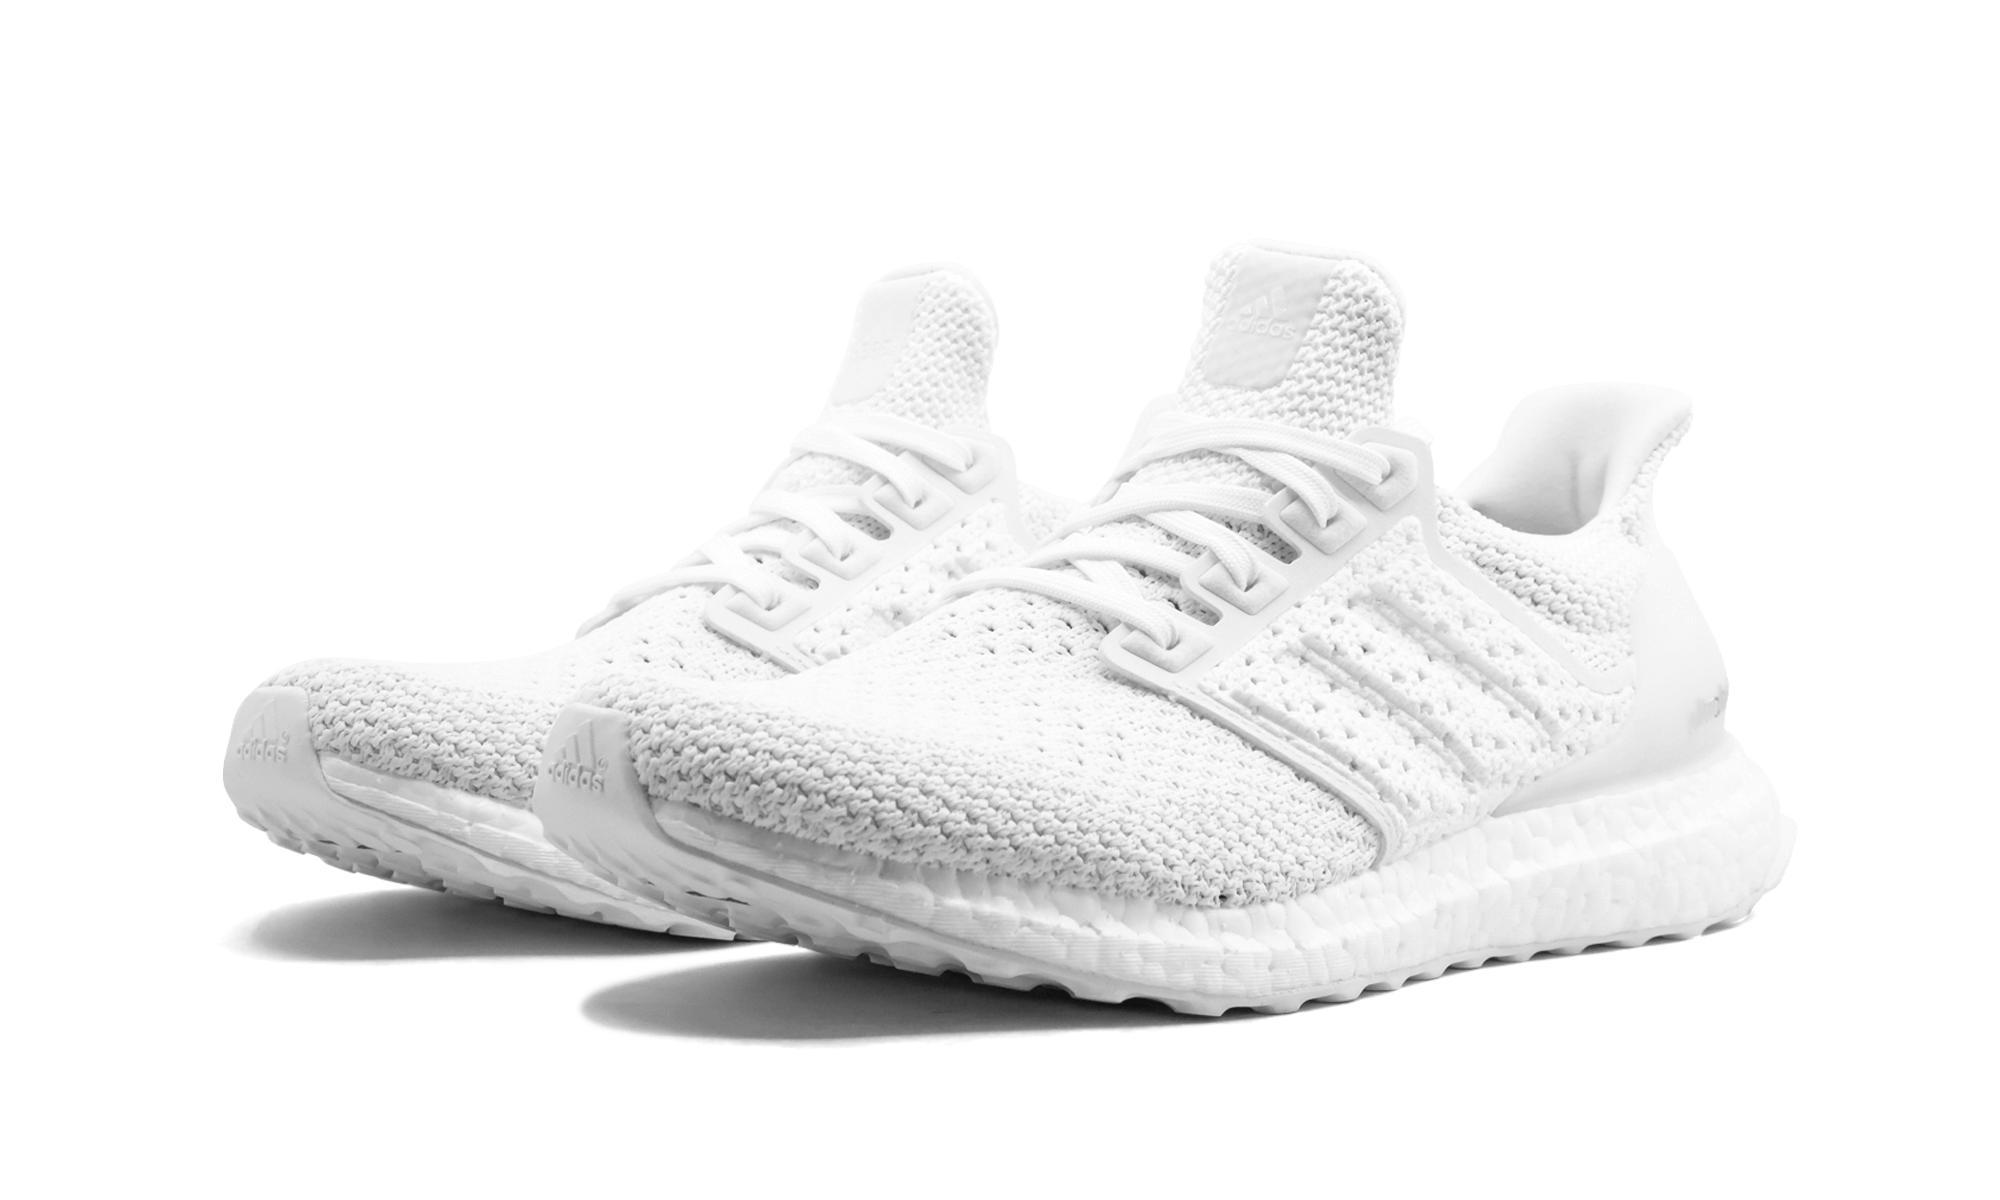 ba44e16d8a5d0 Adidas - White Ultraboost Clima for Men - Lyst. View fullscreen